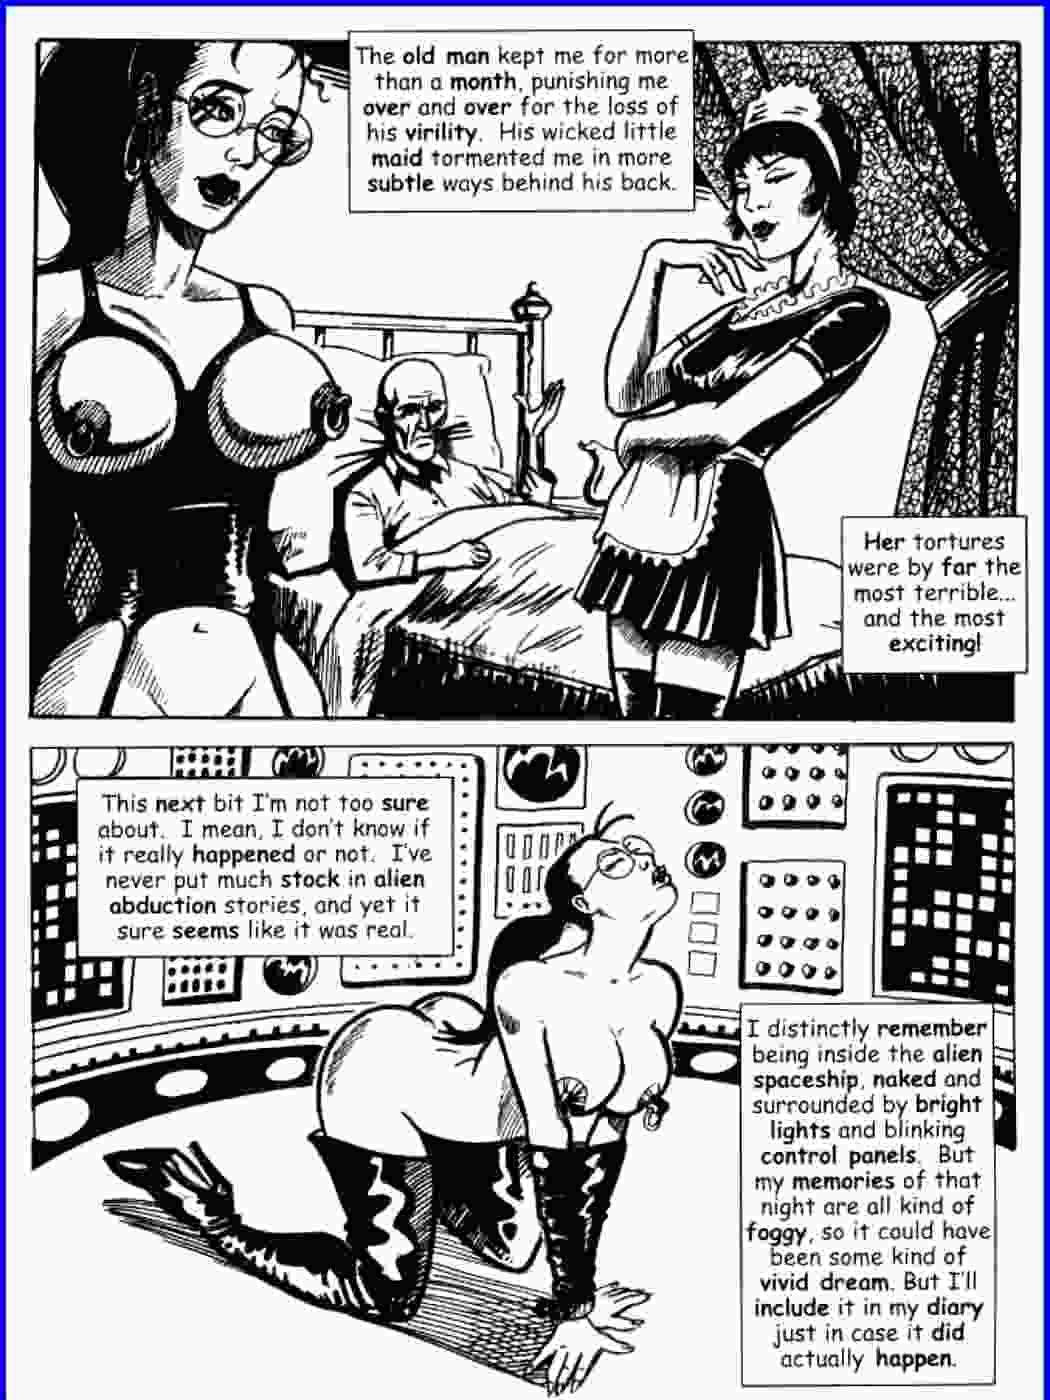 Bdsm Vintage Porn classic comix bondage - adult best photos.